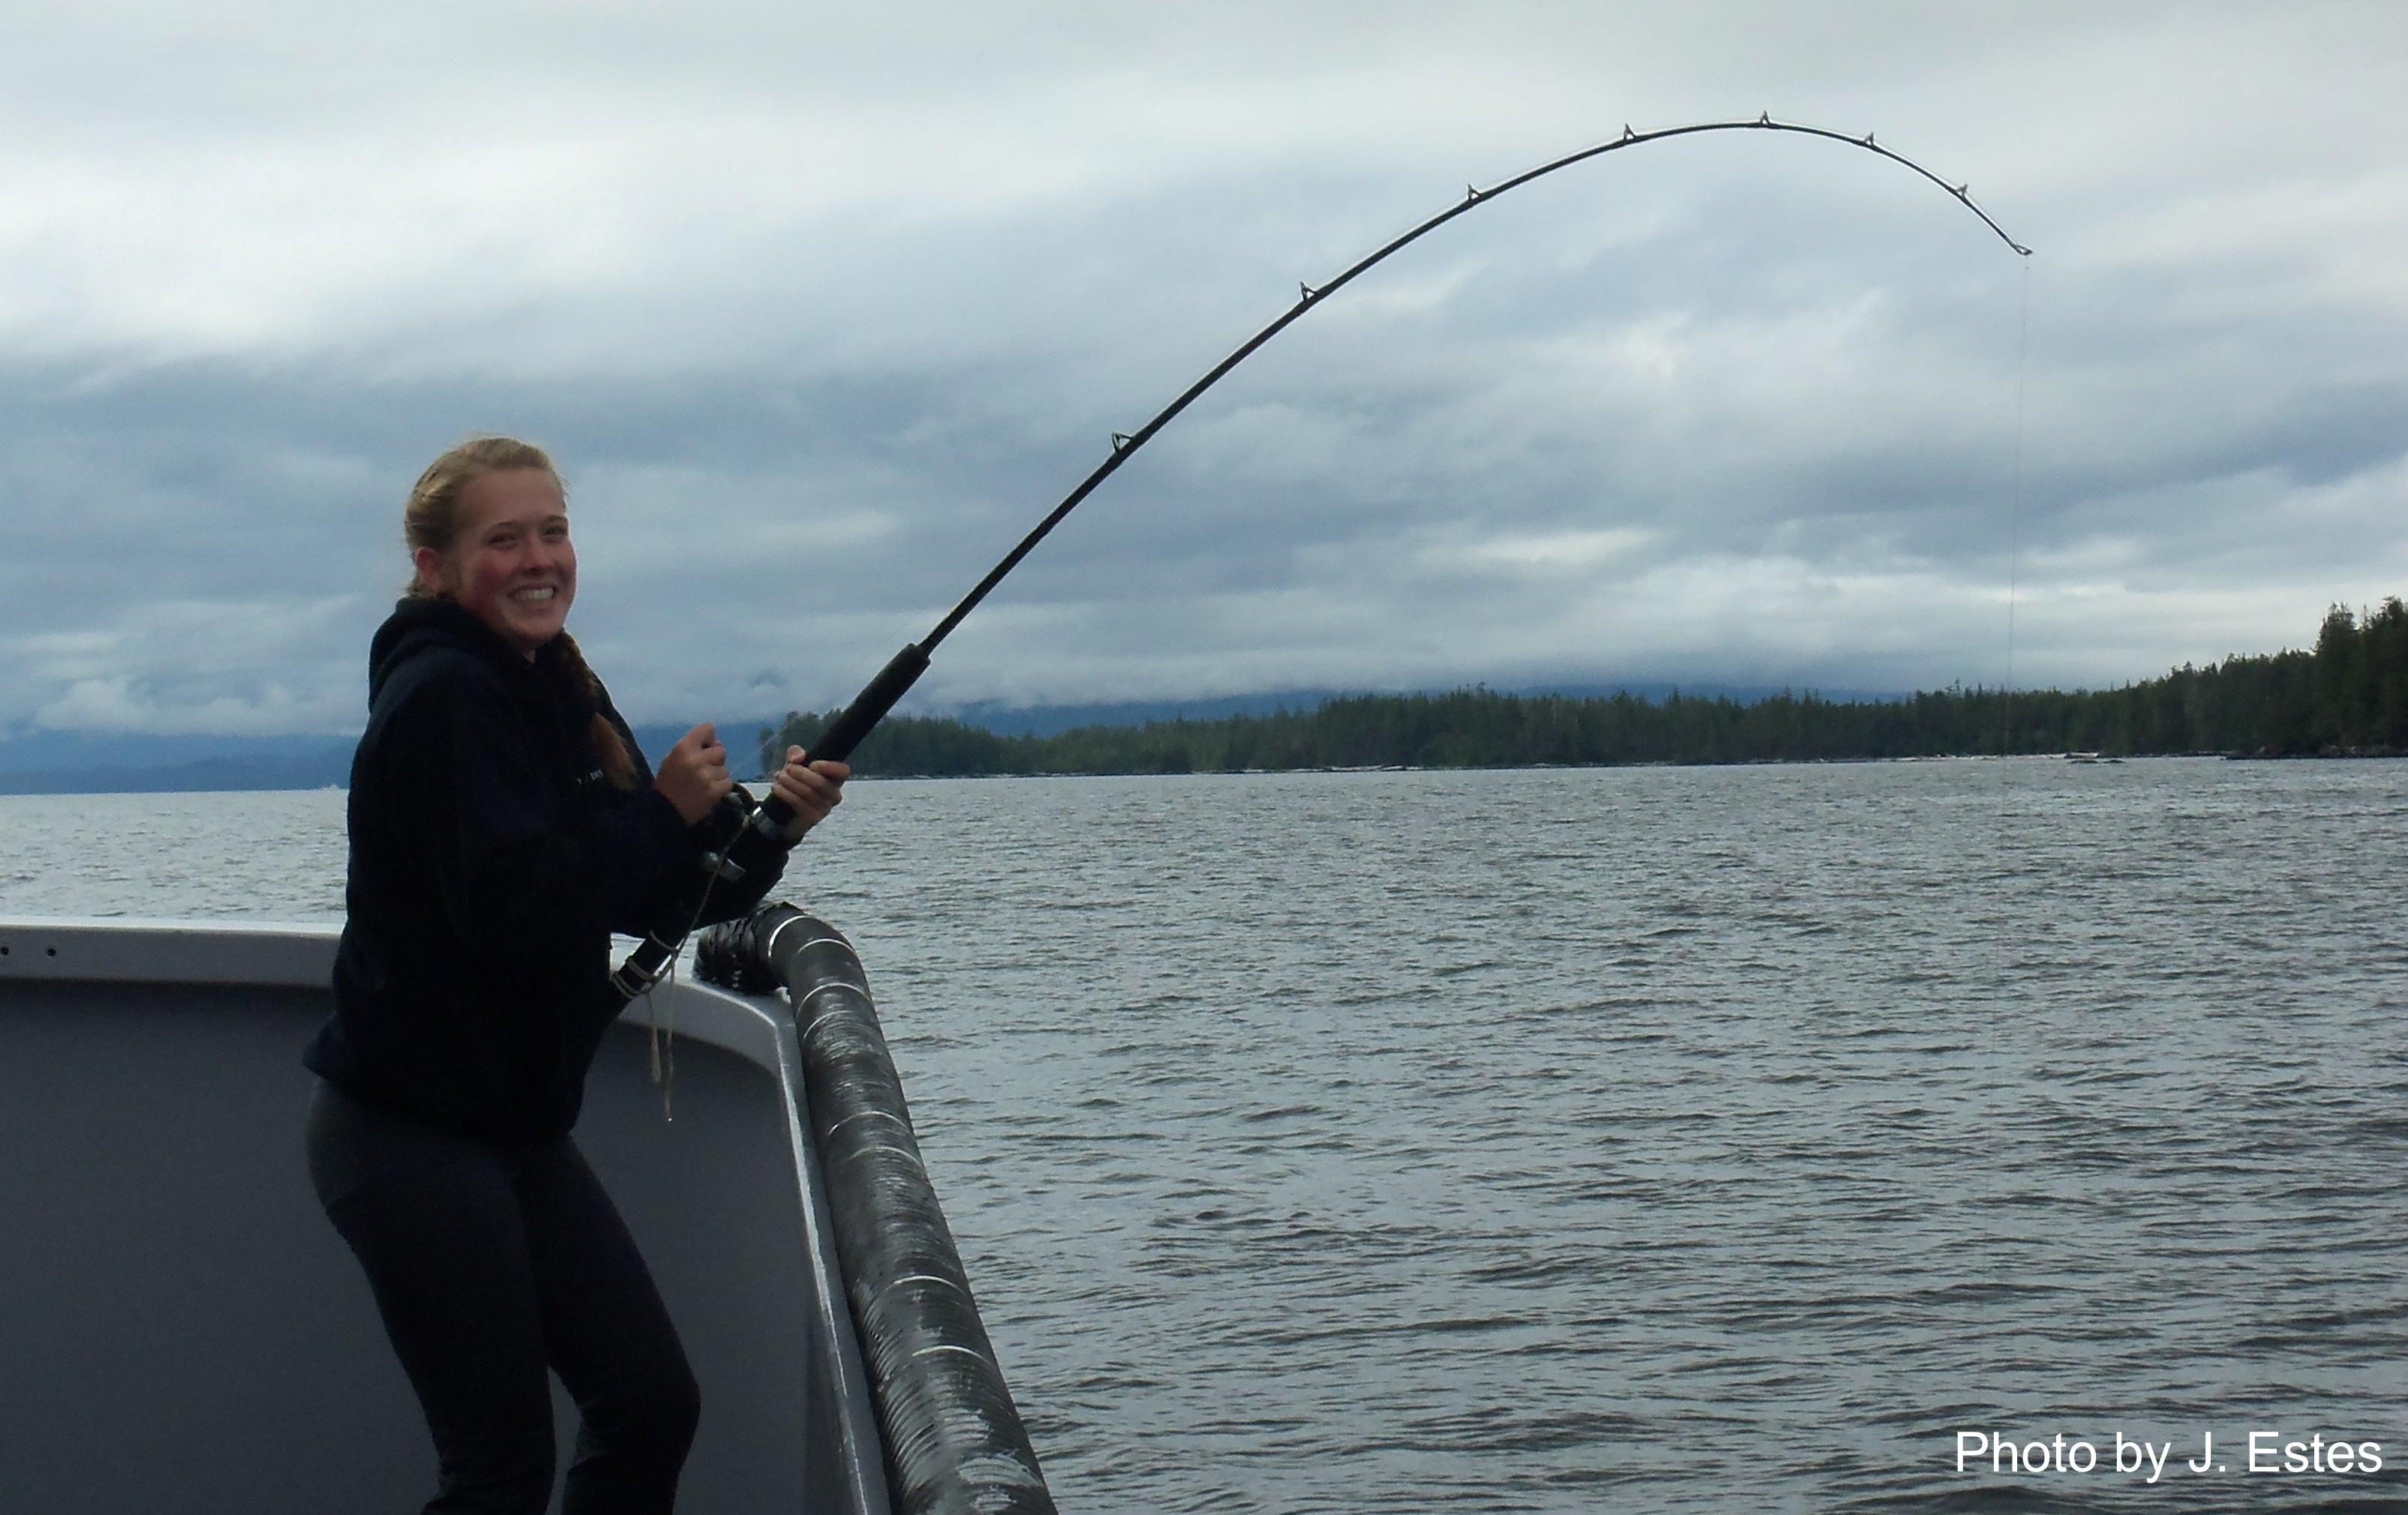 Madisyn Pyorre halibut fishing